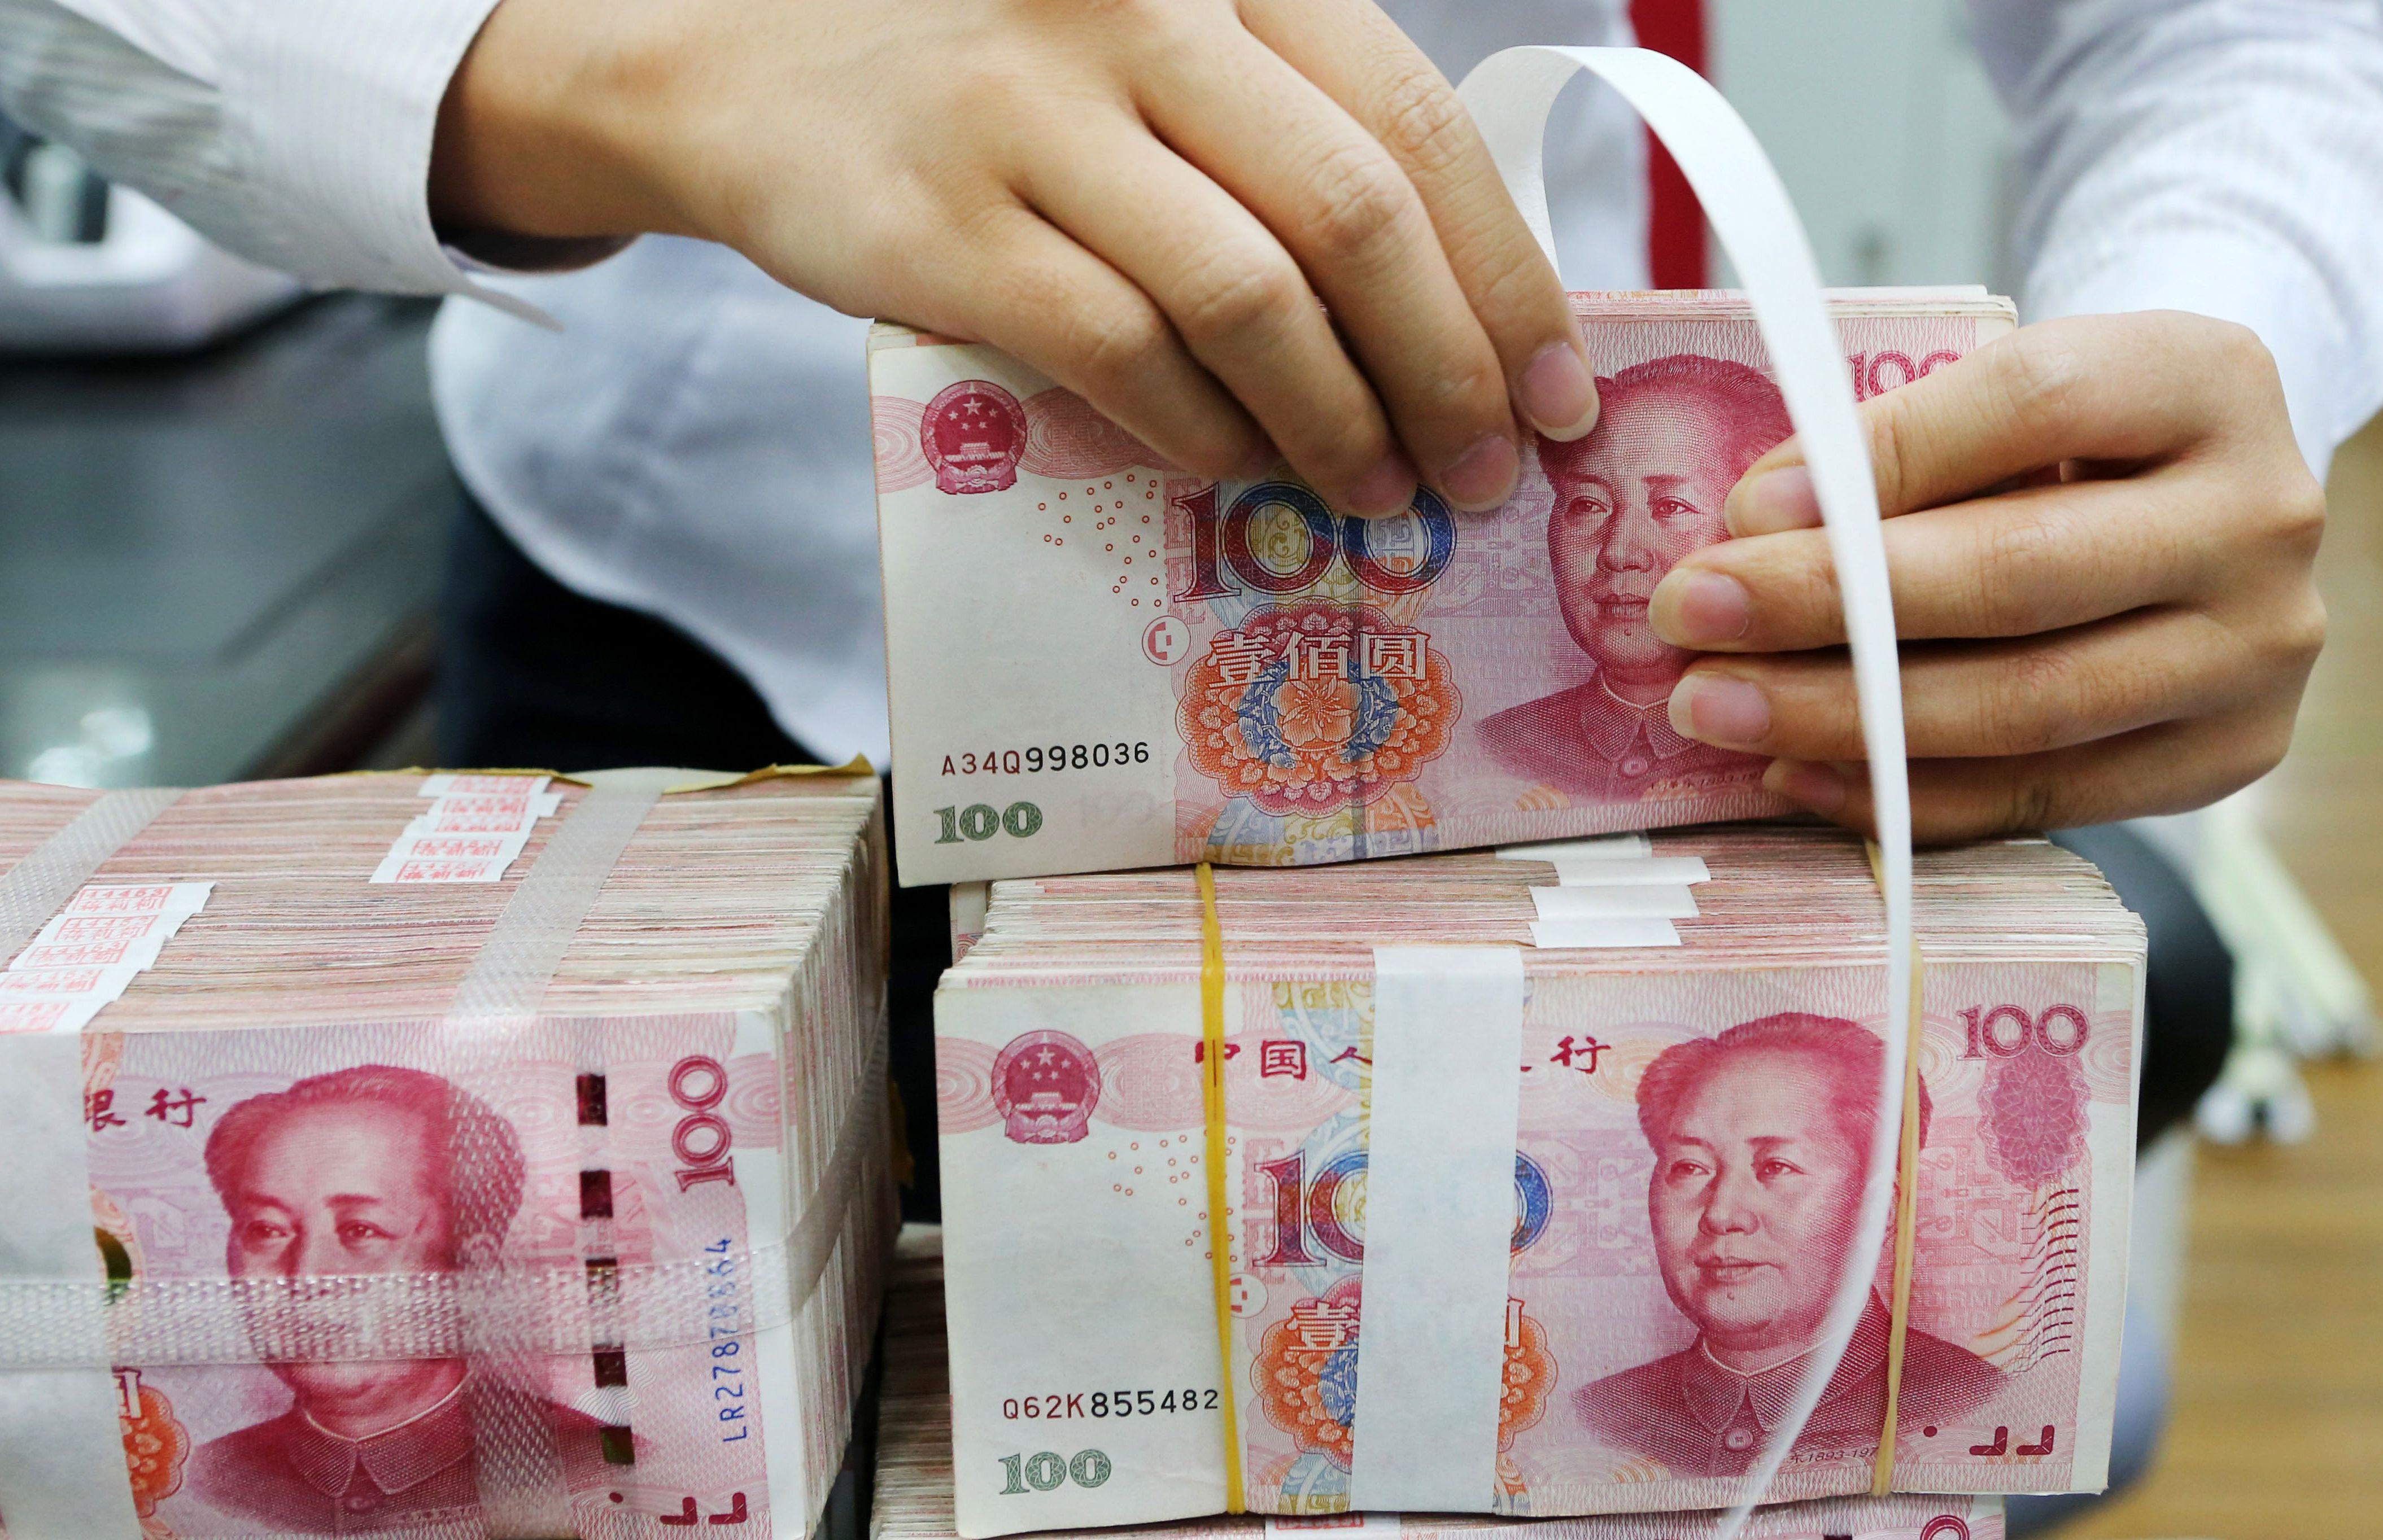 Trung Quốc cố gắng duy trì chính sách tiền tệ 'bình thường' - Ảnh 1.